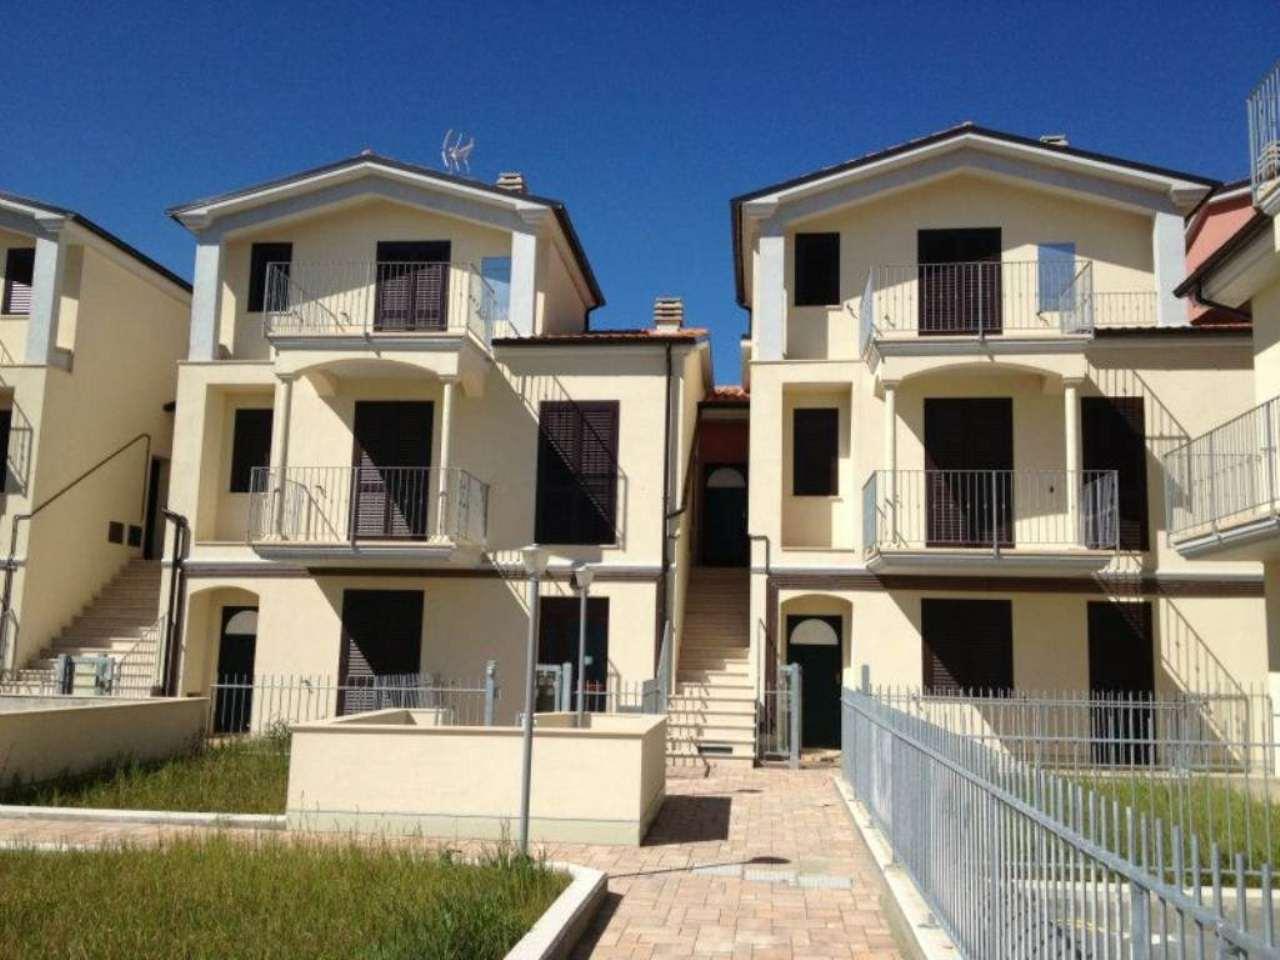 Appartamento in vendita a Polverigi, 2 locali, prezzo € 110.000 | Cambio Casa.it